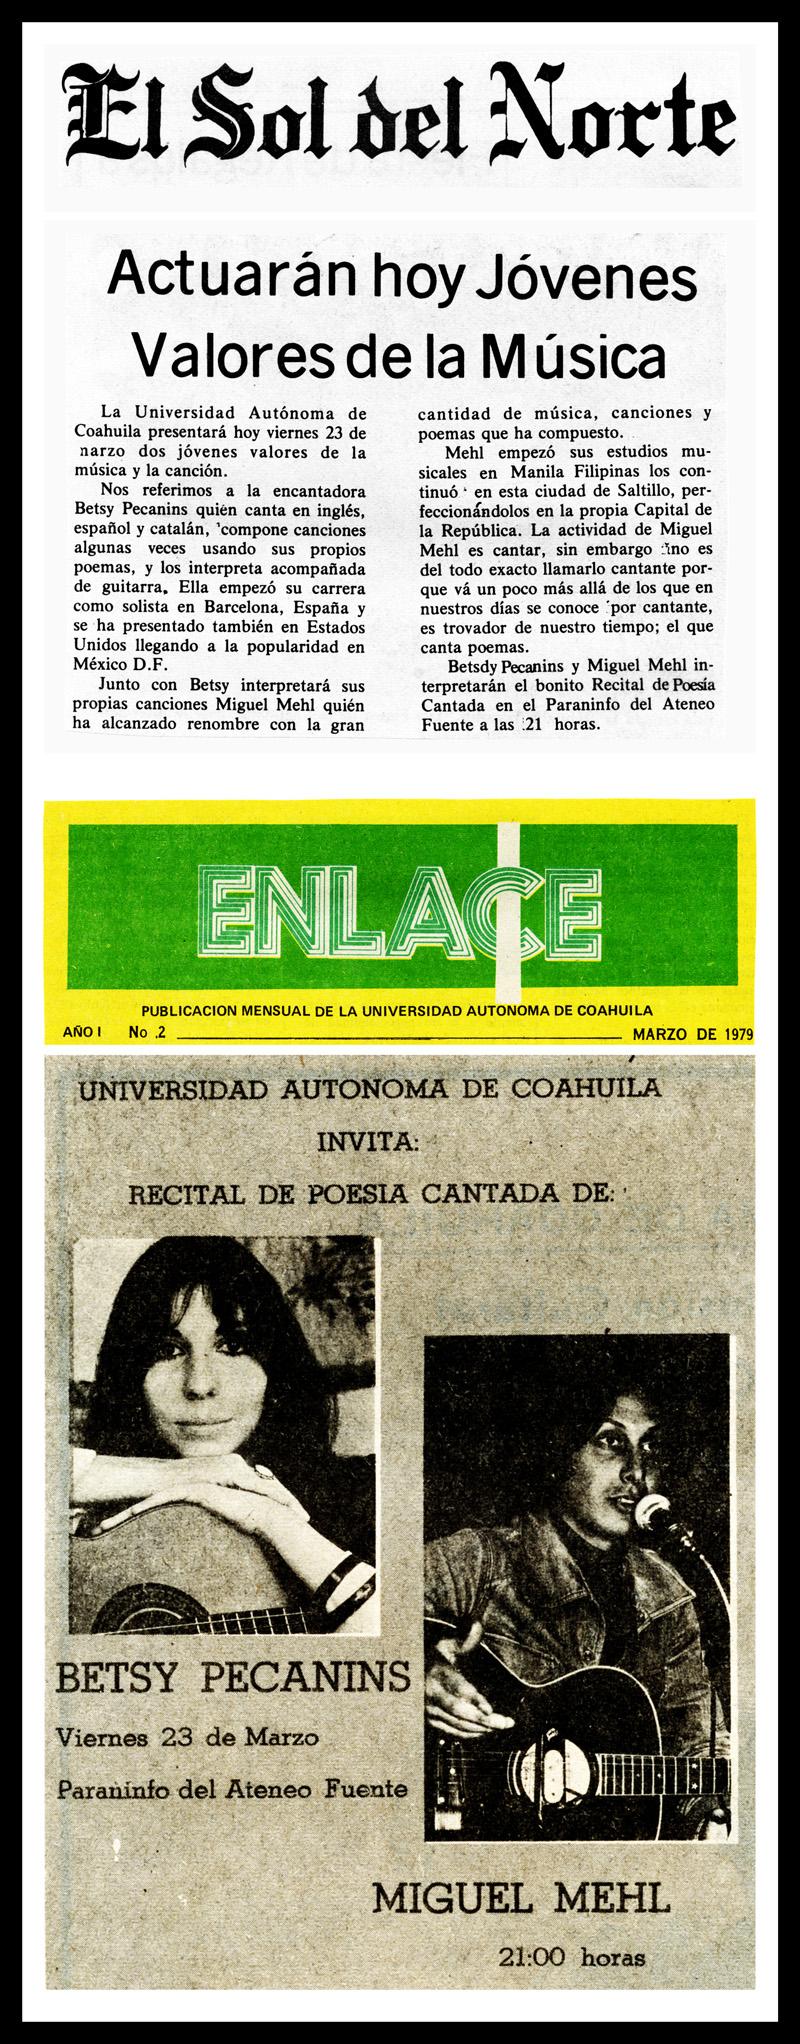 1979_El-Sol-Del-Norte_Enlace_Michael-Mehl_Betsy-Pecanins_Ateneo-Concert